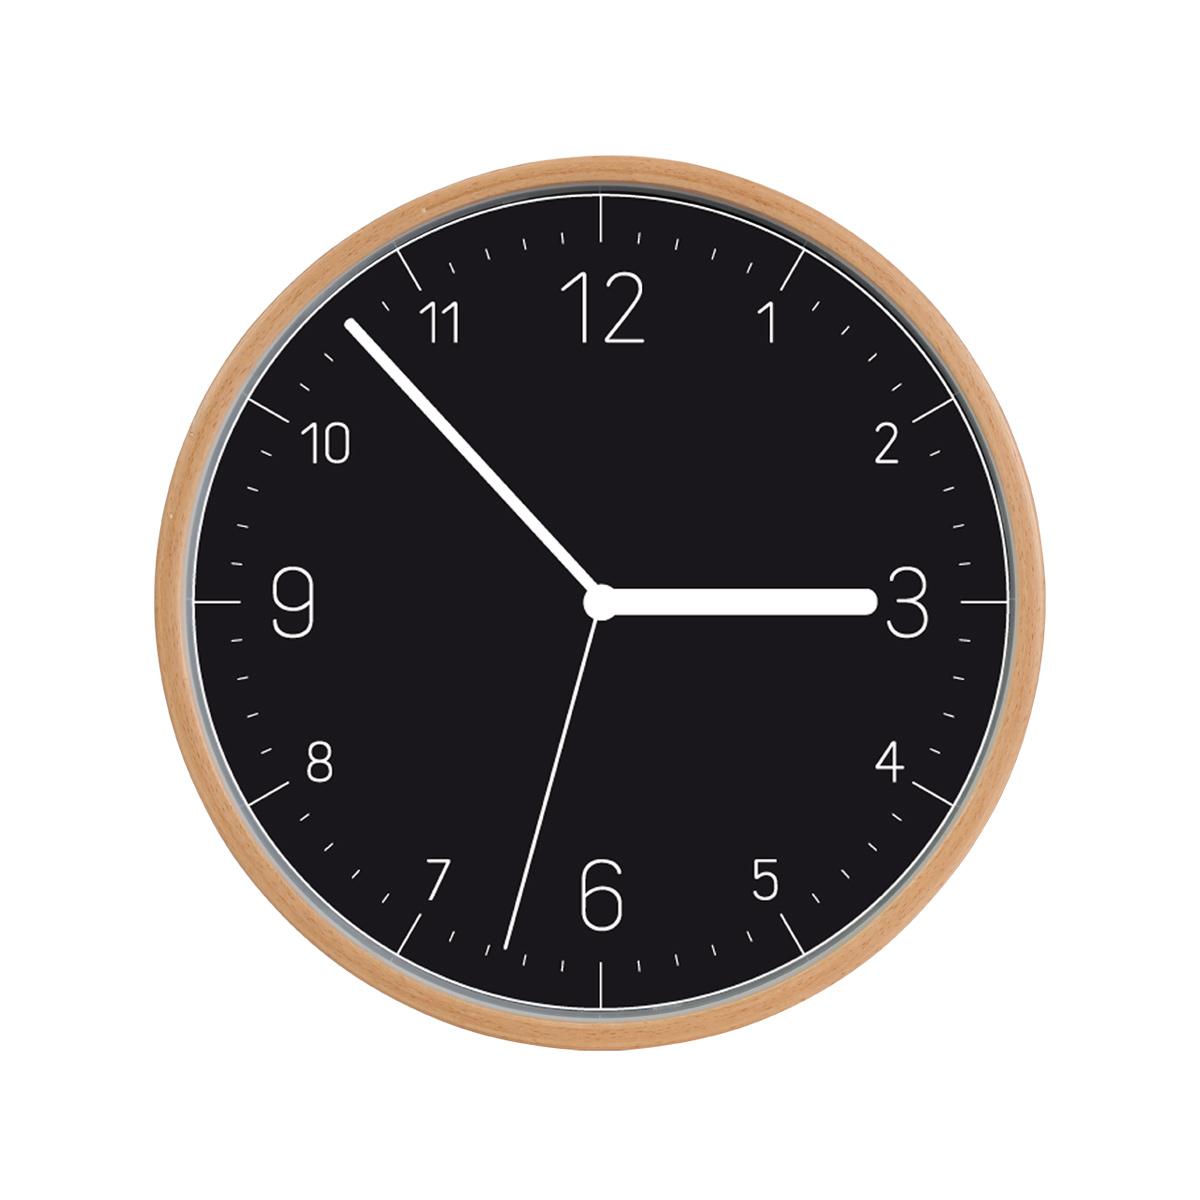 Nástěnné hodiny FANCY HOME, dřevo, černý ciferník